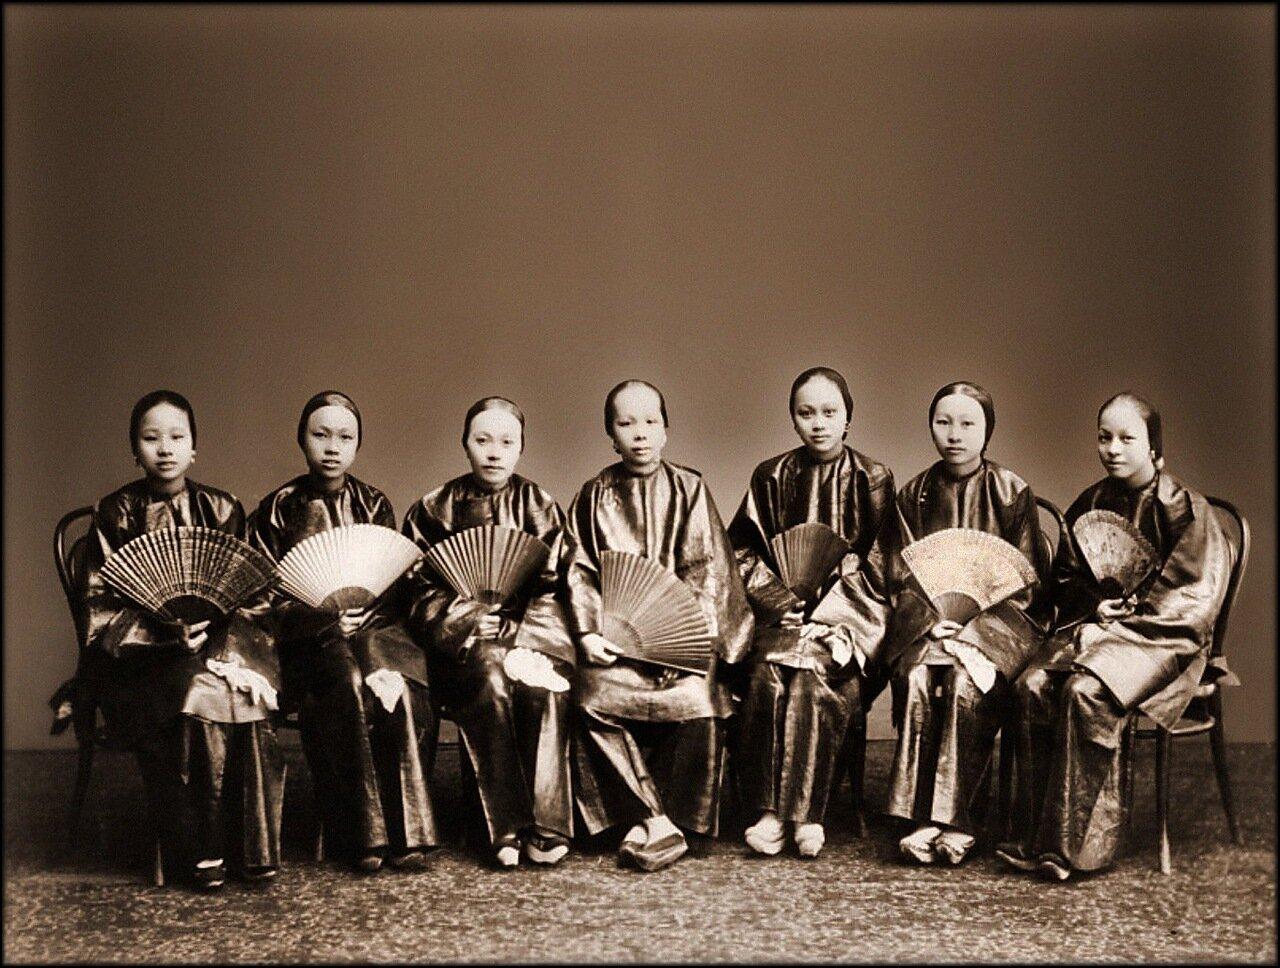 1880. Группа китайских женщин с веерами, Кантон